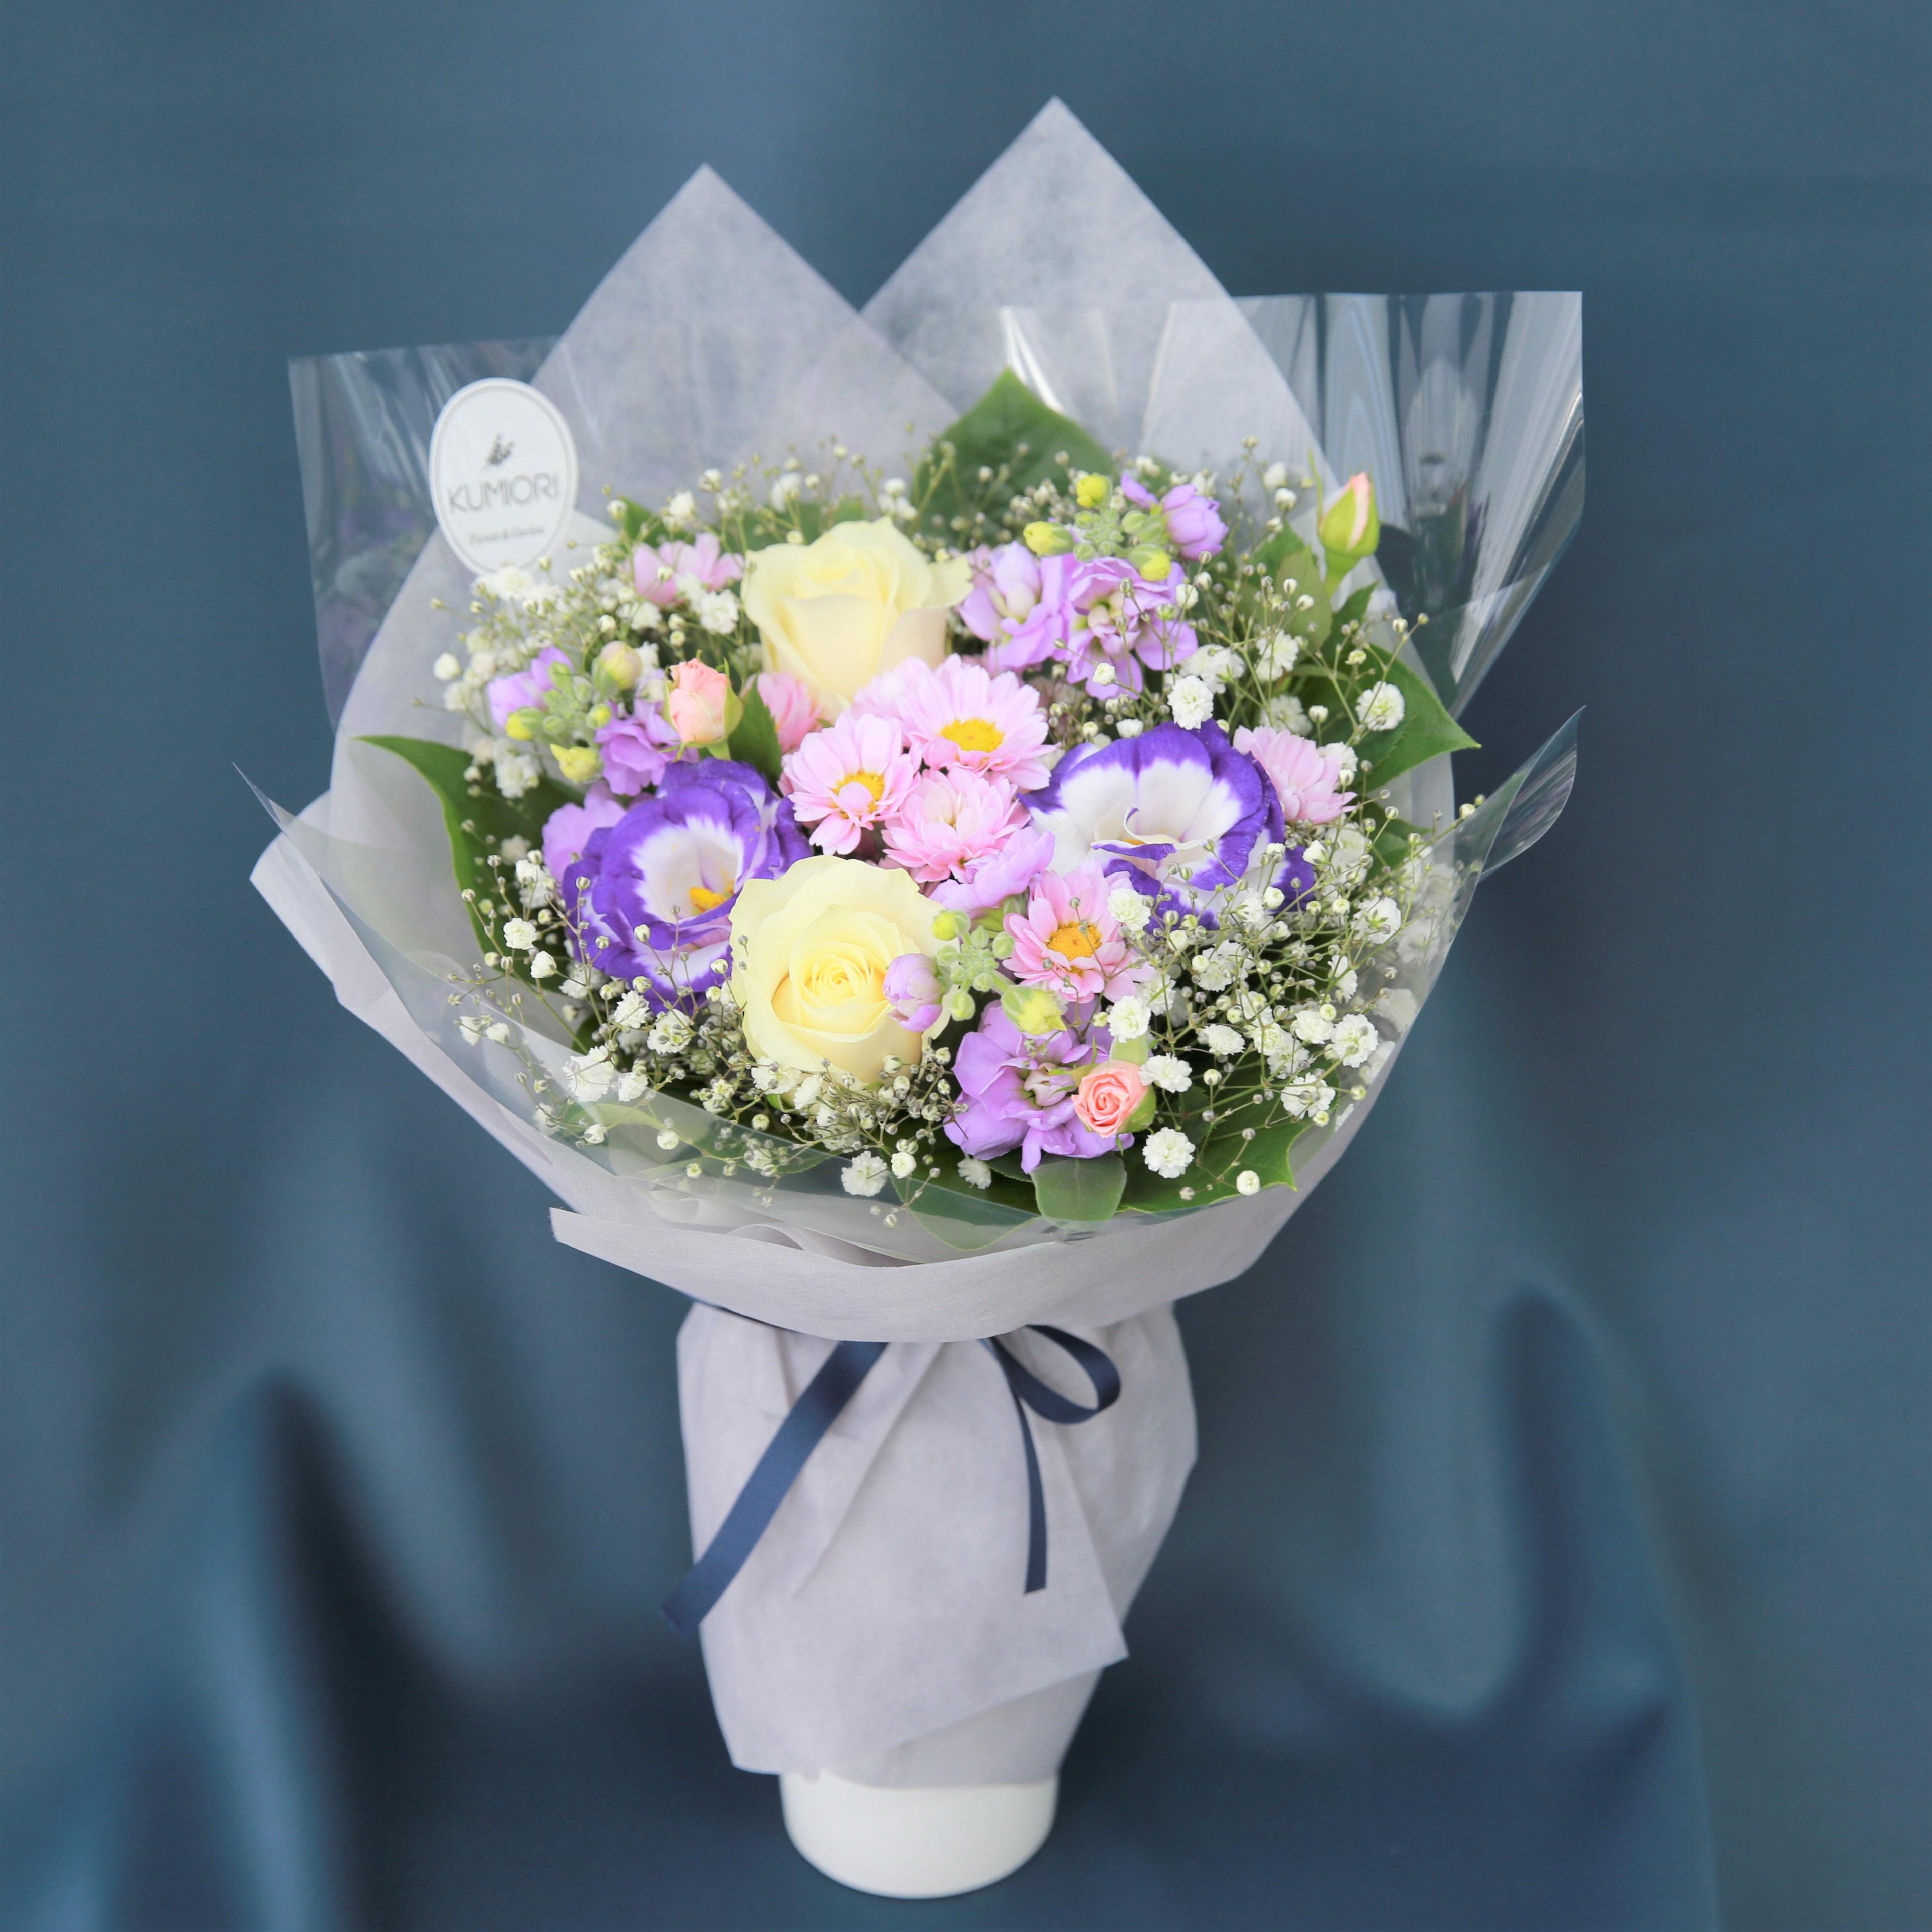 야곱의정원 이벤트 생화 졸업식 입학식 랜덤꽃다발, 퍼플제이콥